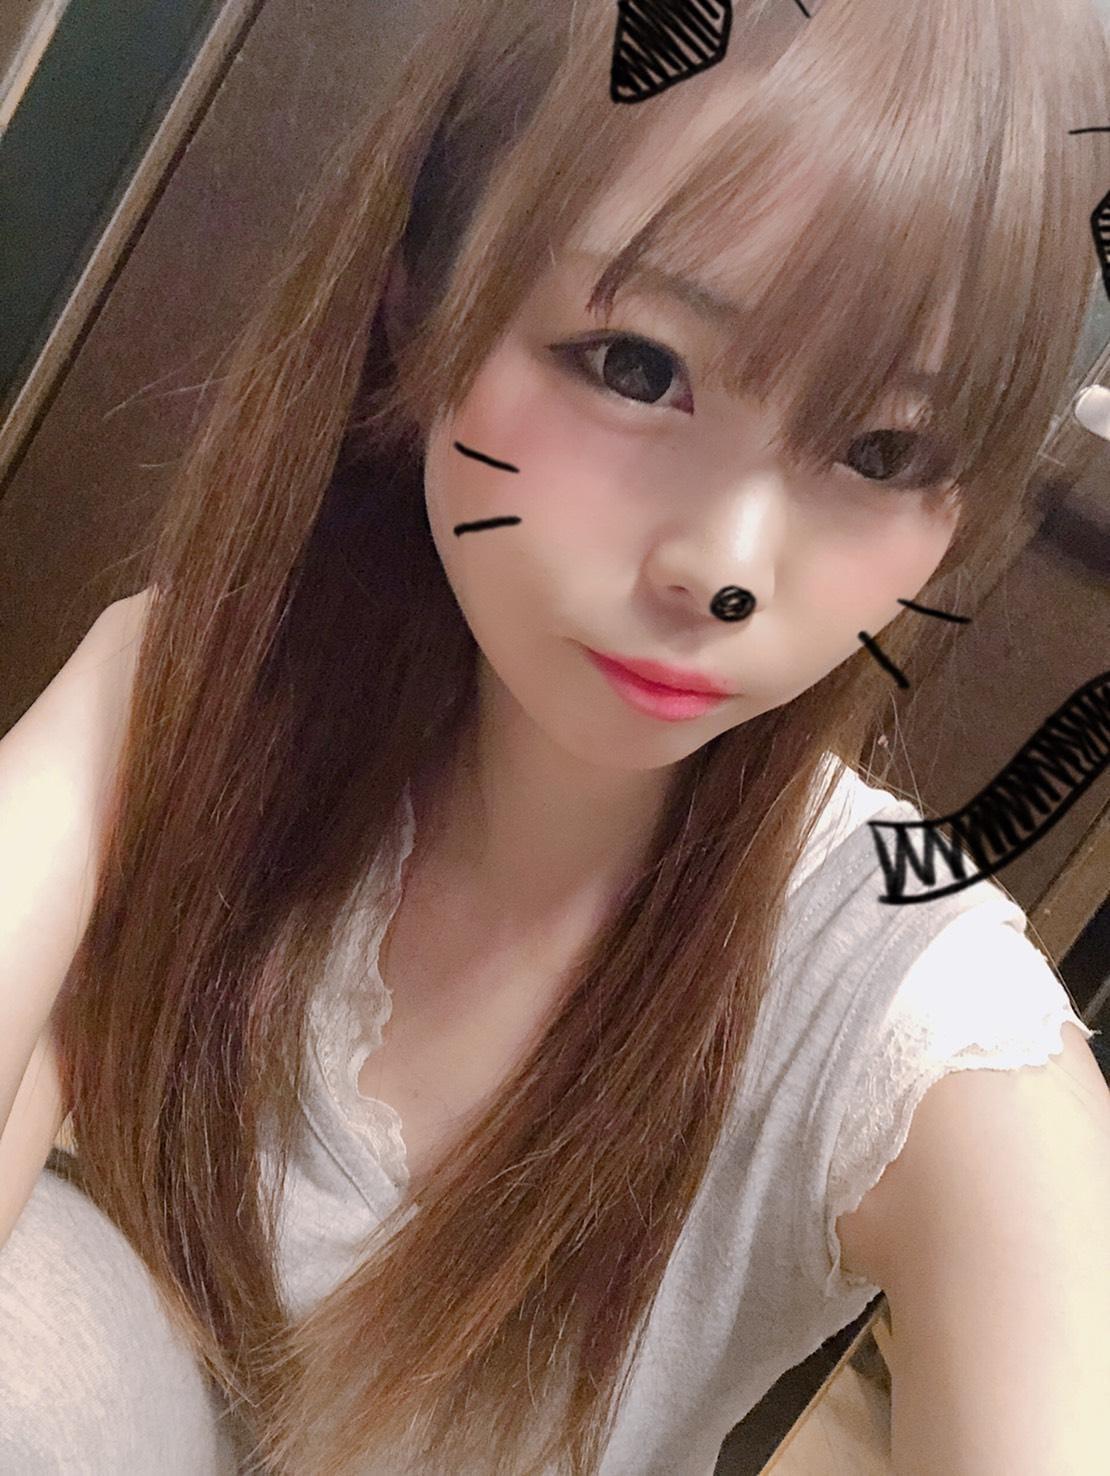 「こんばんは」09/06(09/06) 20:42 | りおの写メ・風俗動画